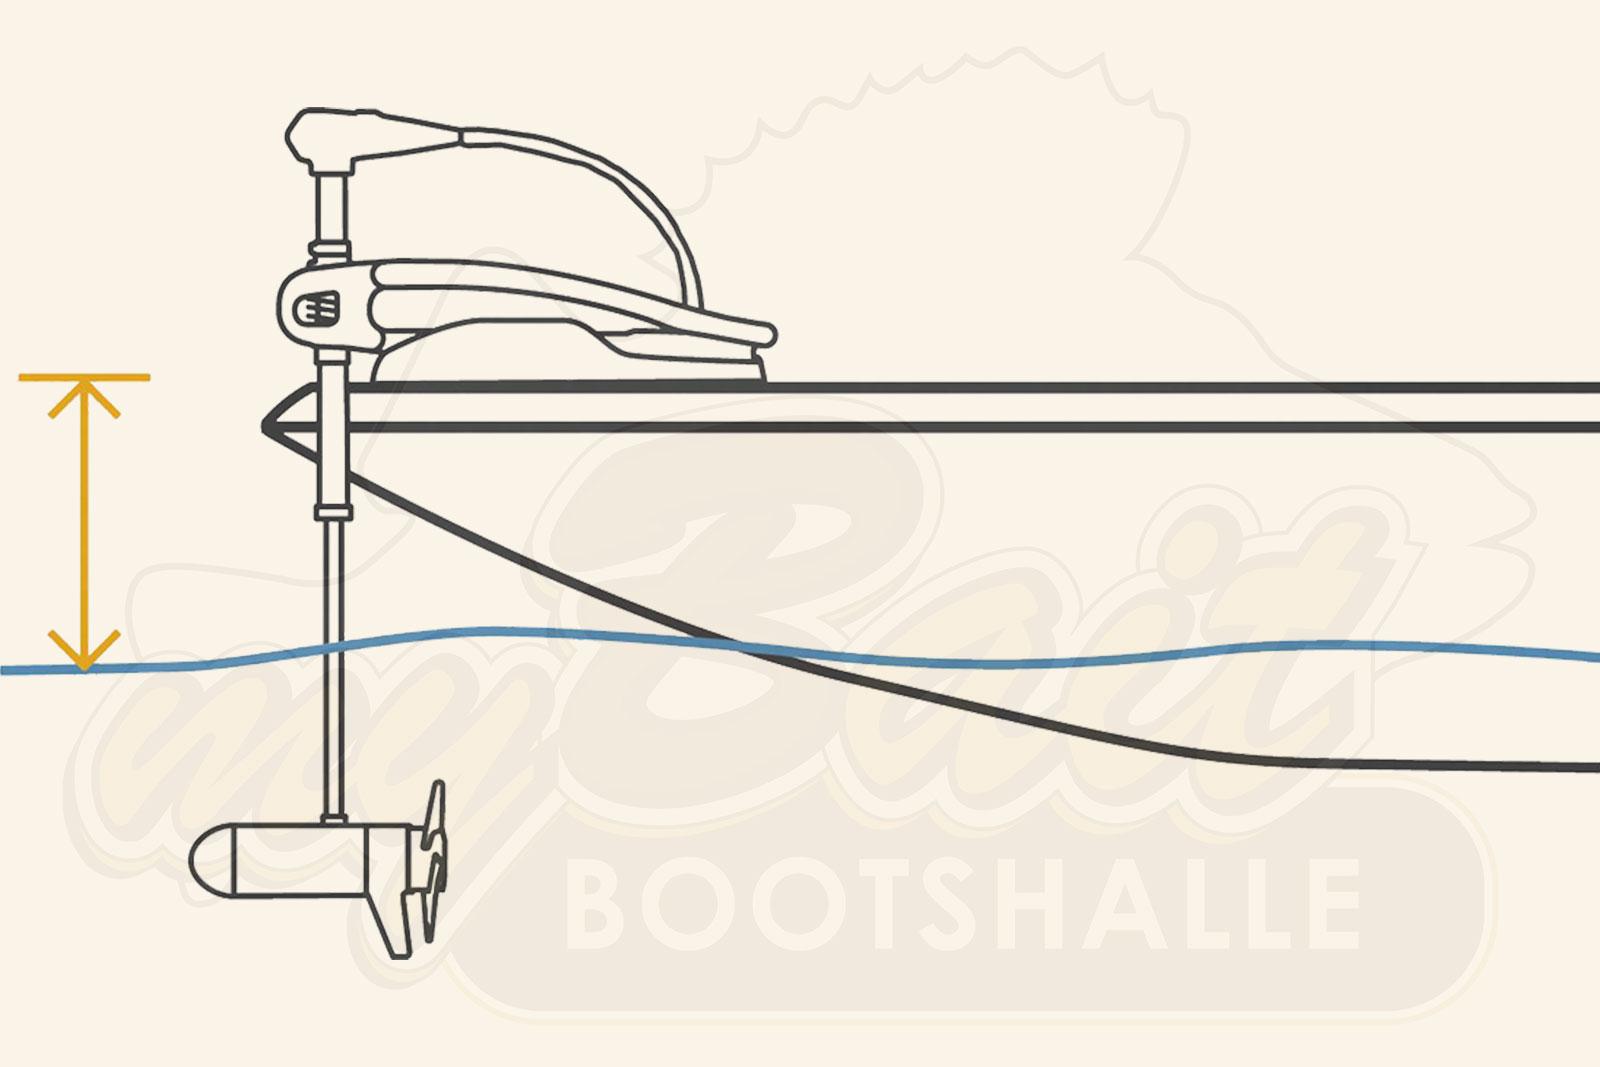 Ermittlung der Schaftlänge für den Bugmotor